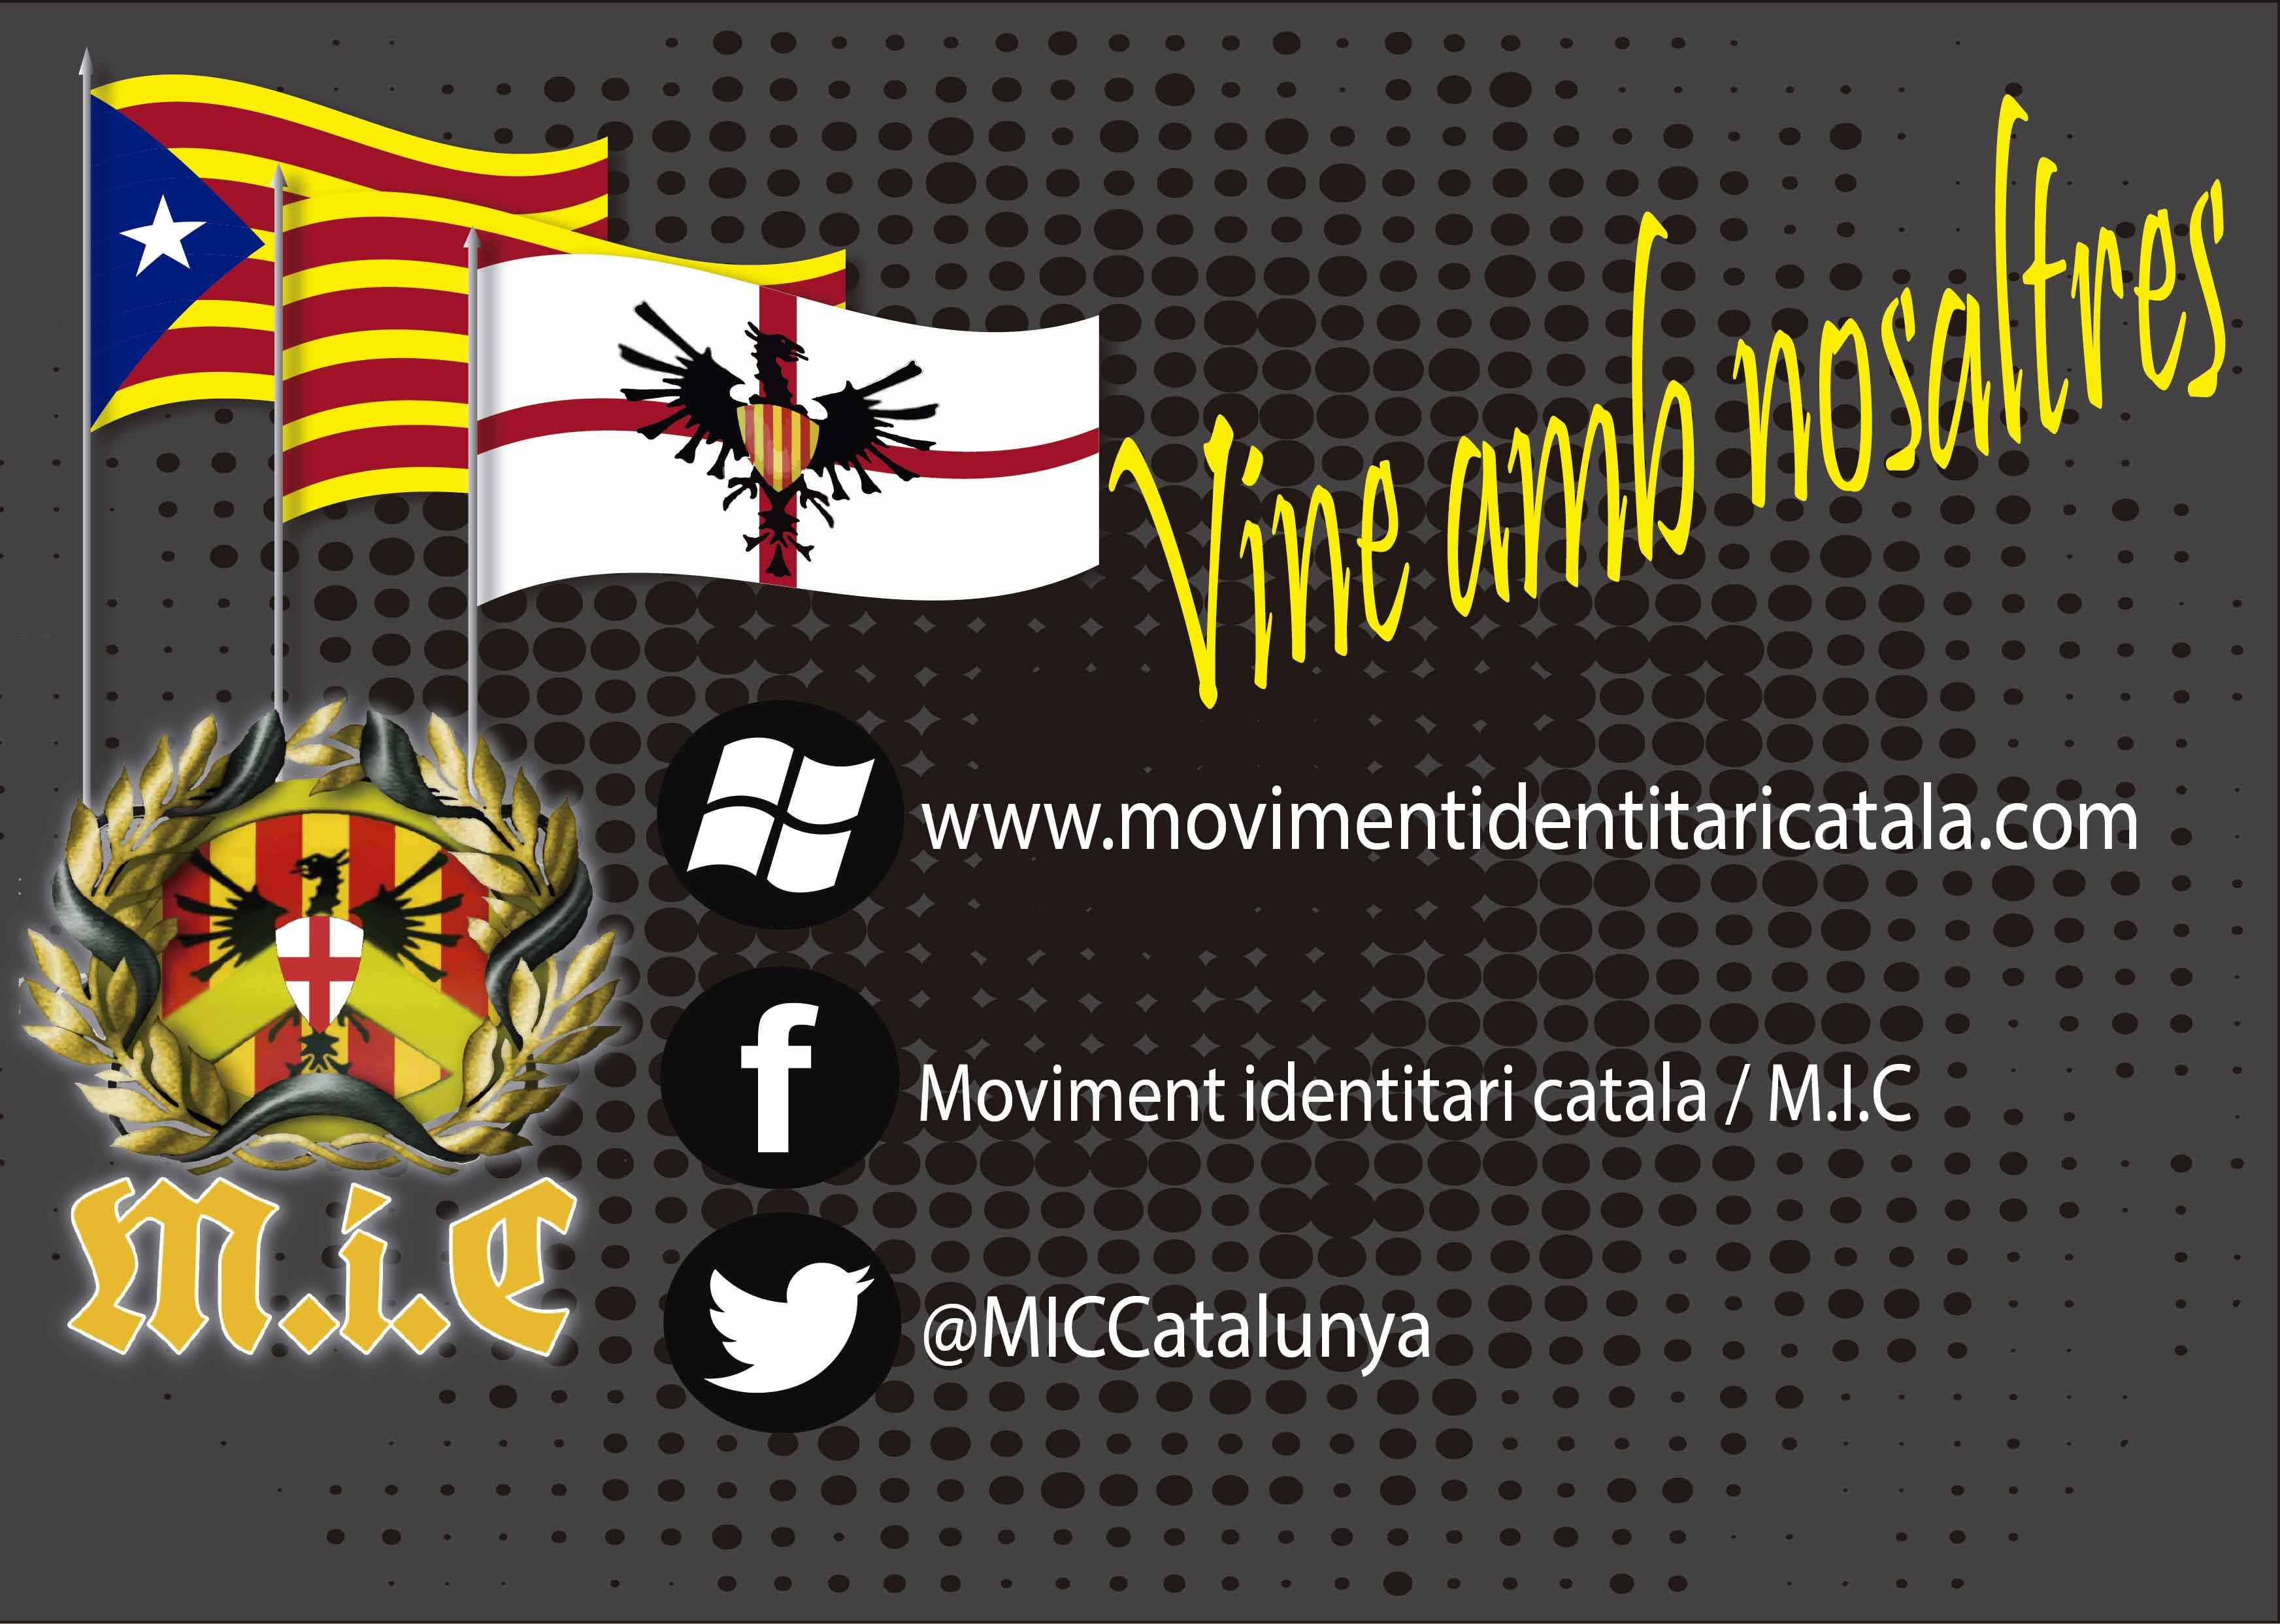 targa, mic, identitari català , assosiació cultural catalana,